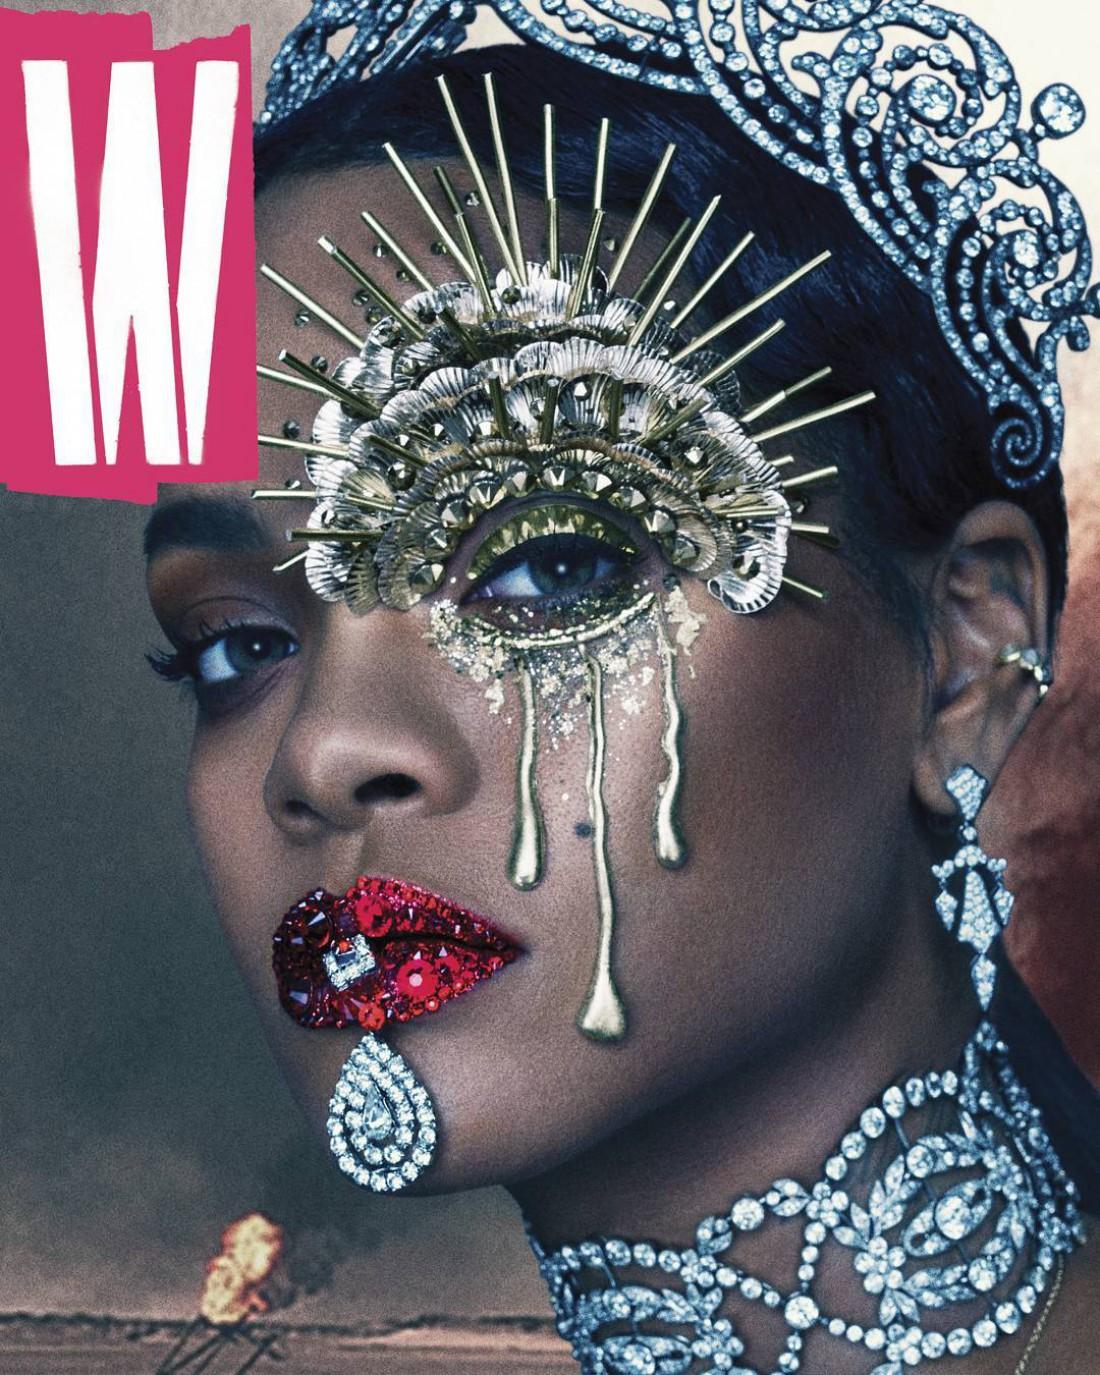 Певица Рианна на обложке журнала W magazine